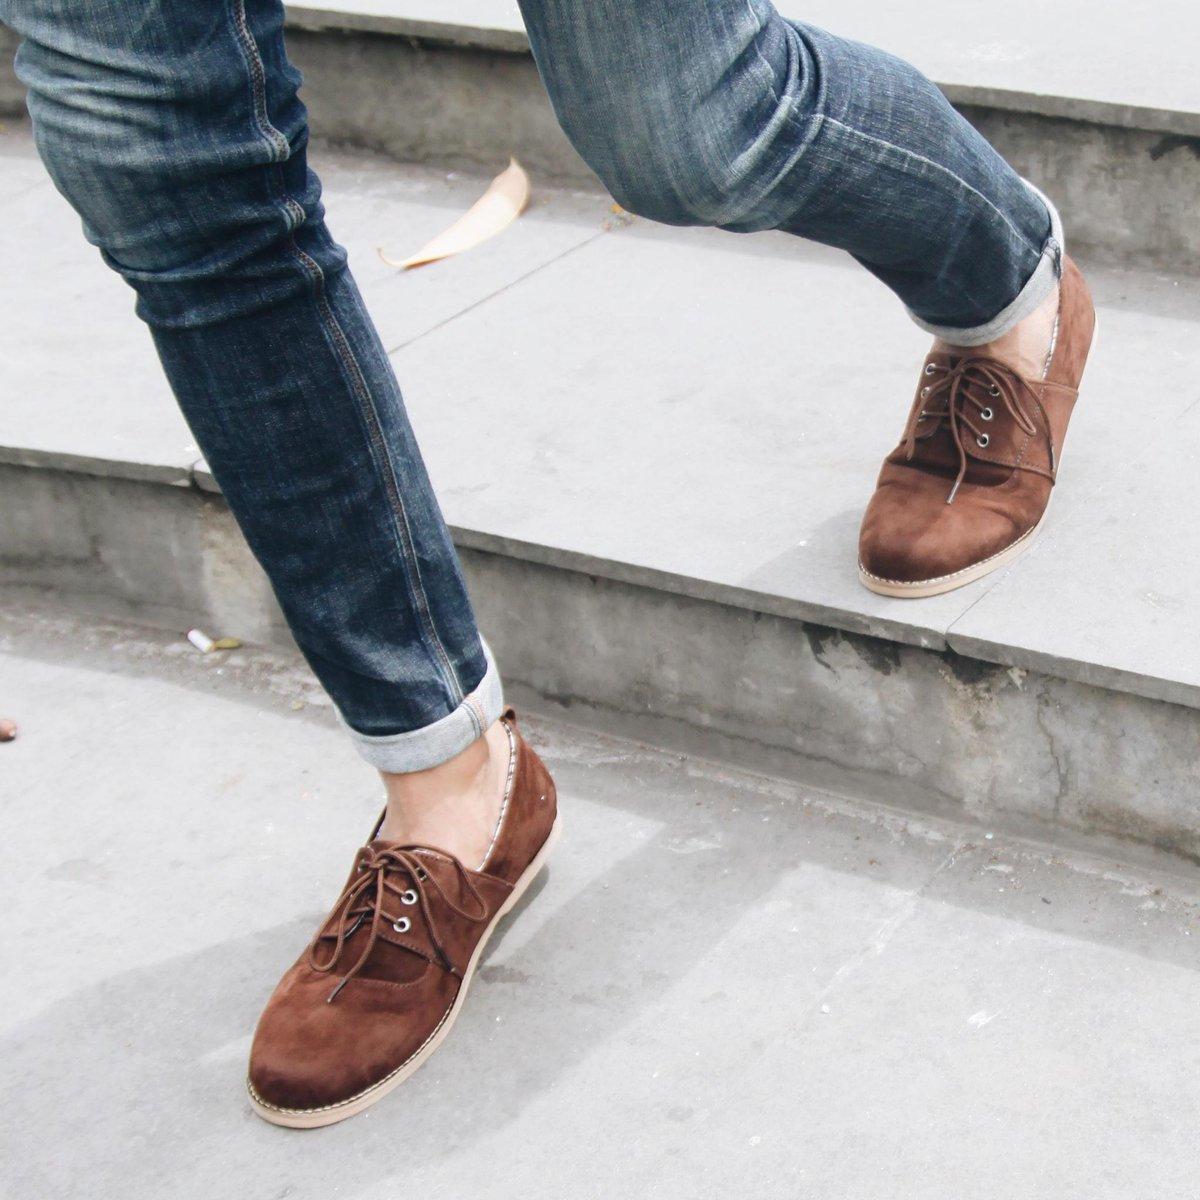 Headway Footwear Headwayfootwear Twitter Grow Brown Sepatu Semi Boots 0 Replies Retweets Likes